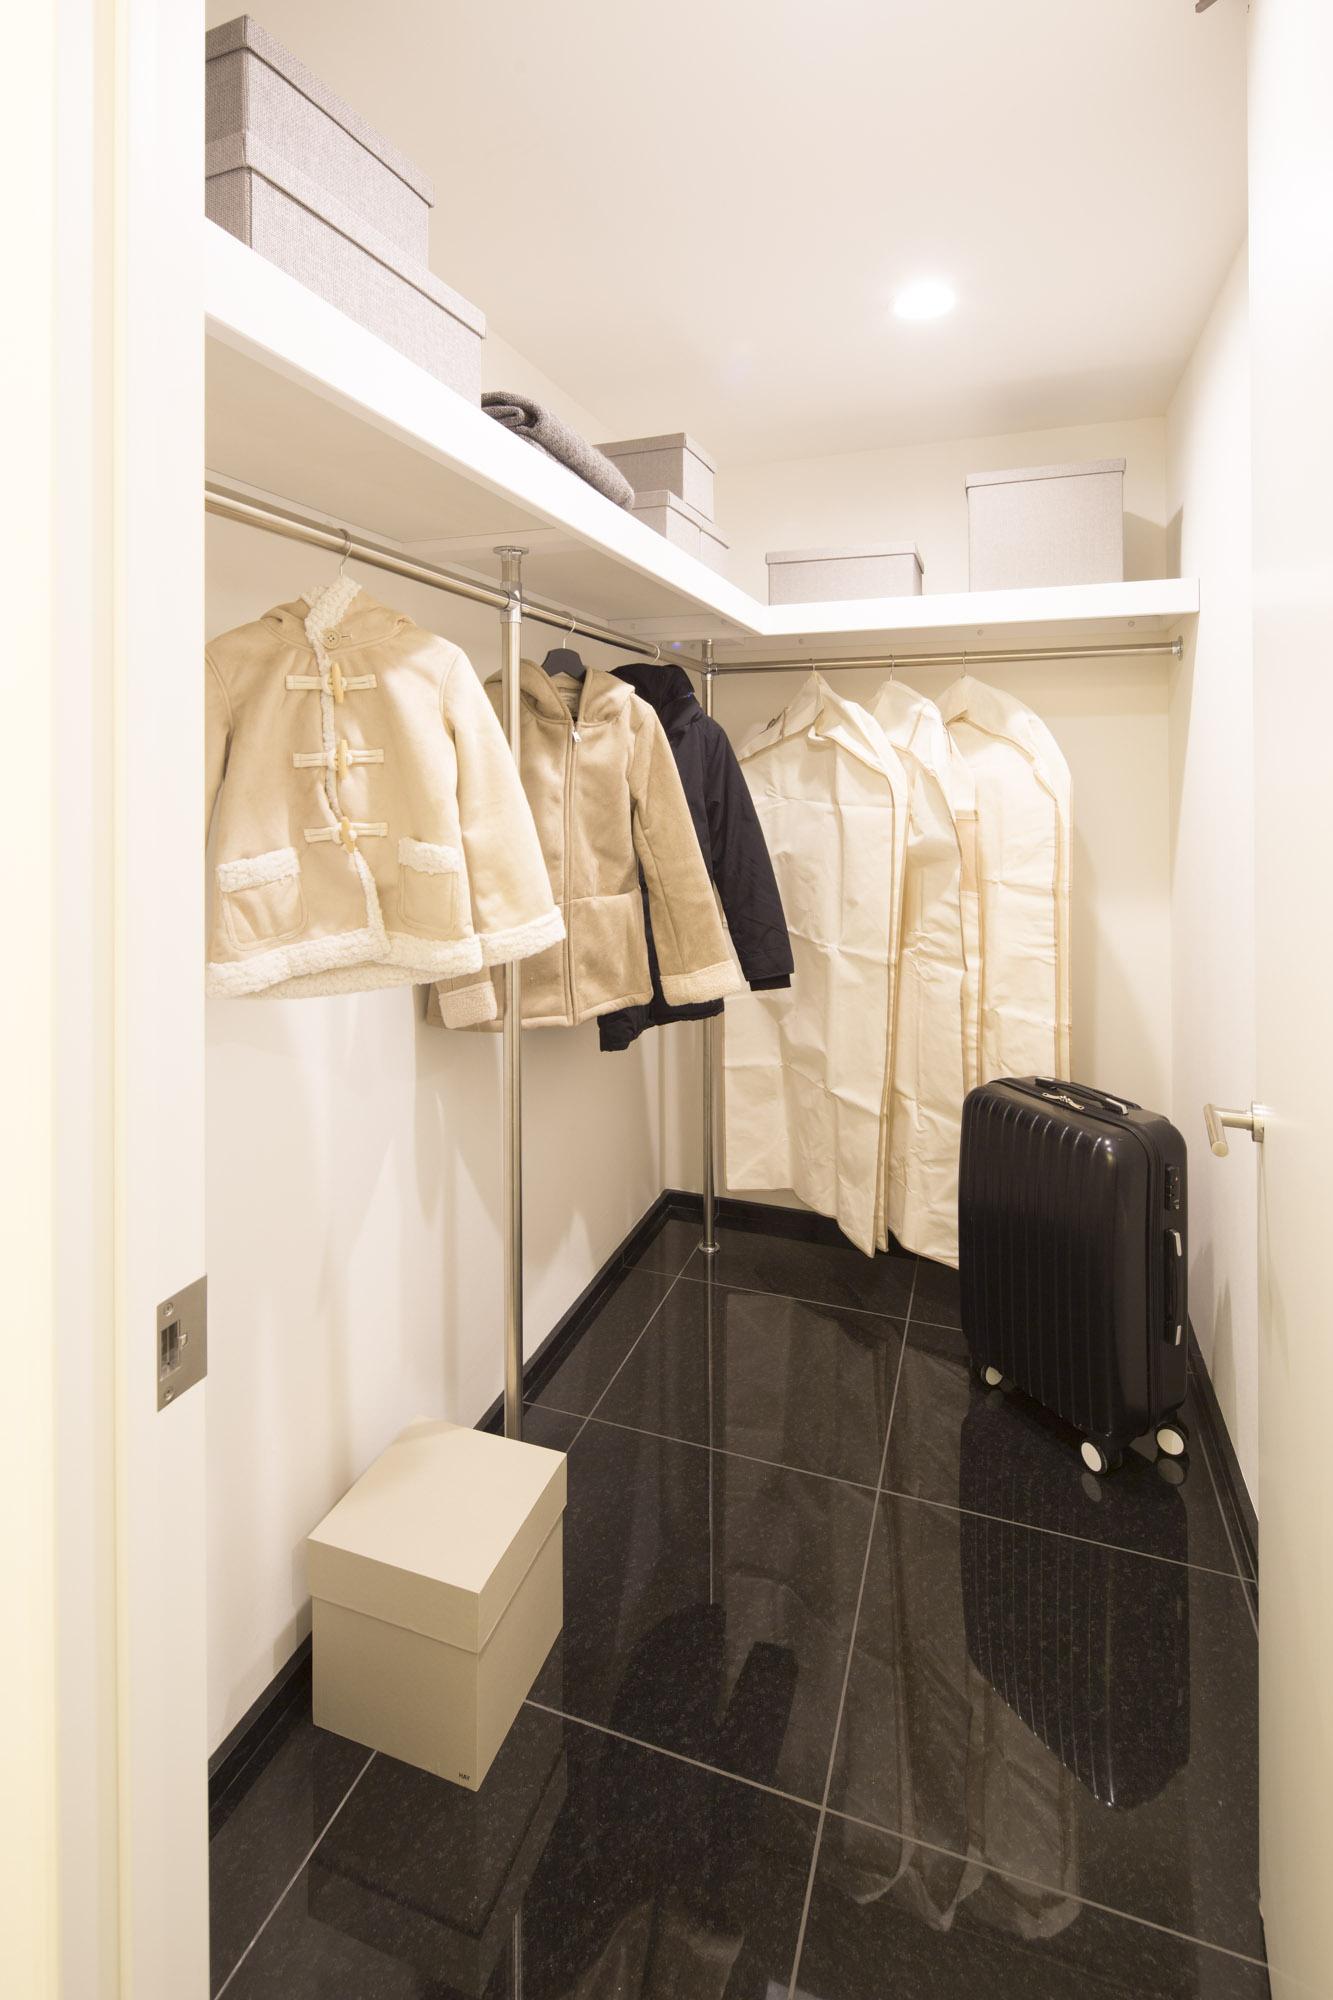 Хувцасны өрөө